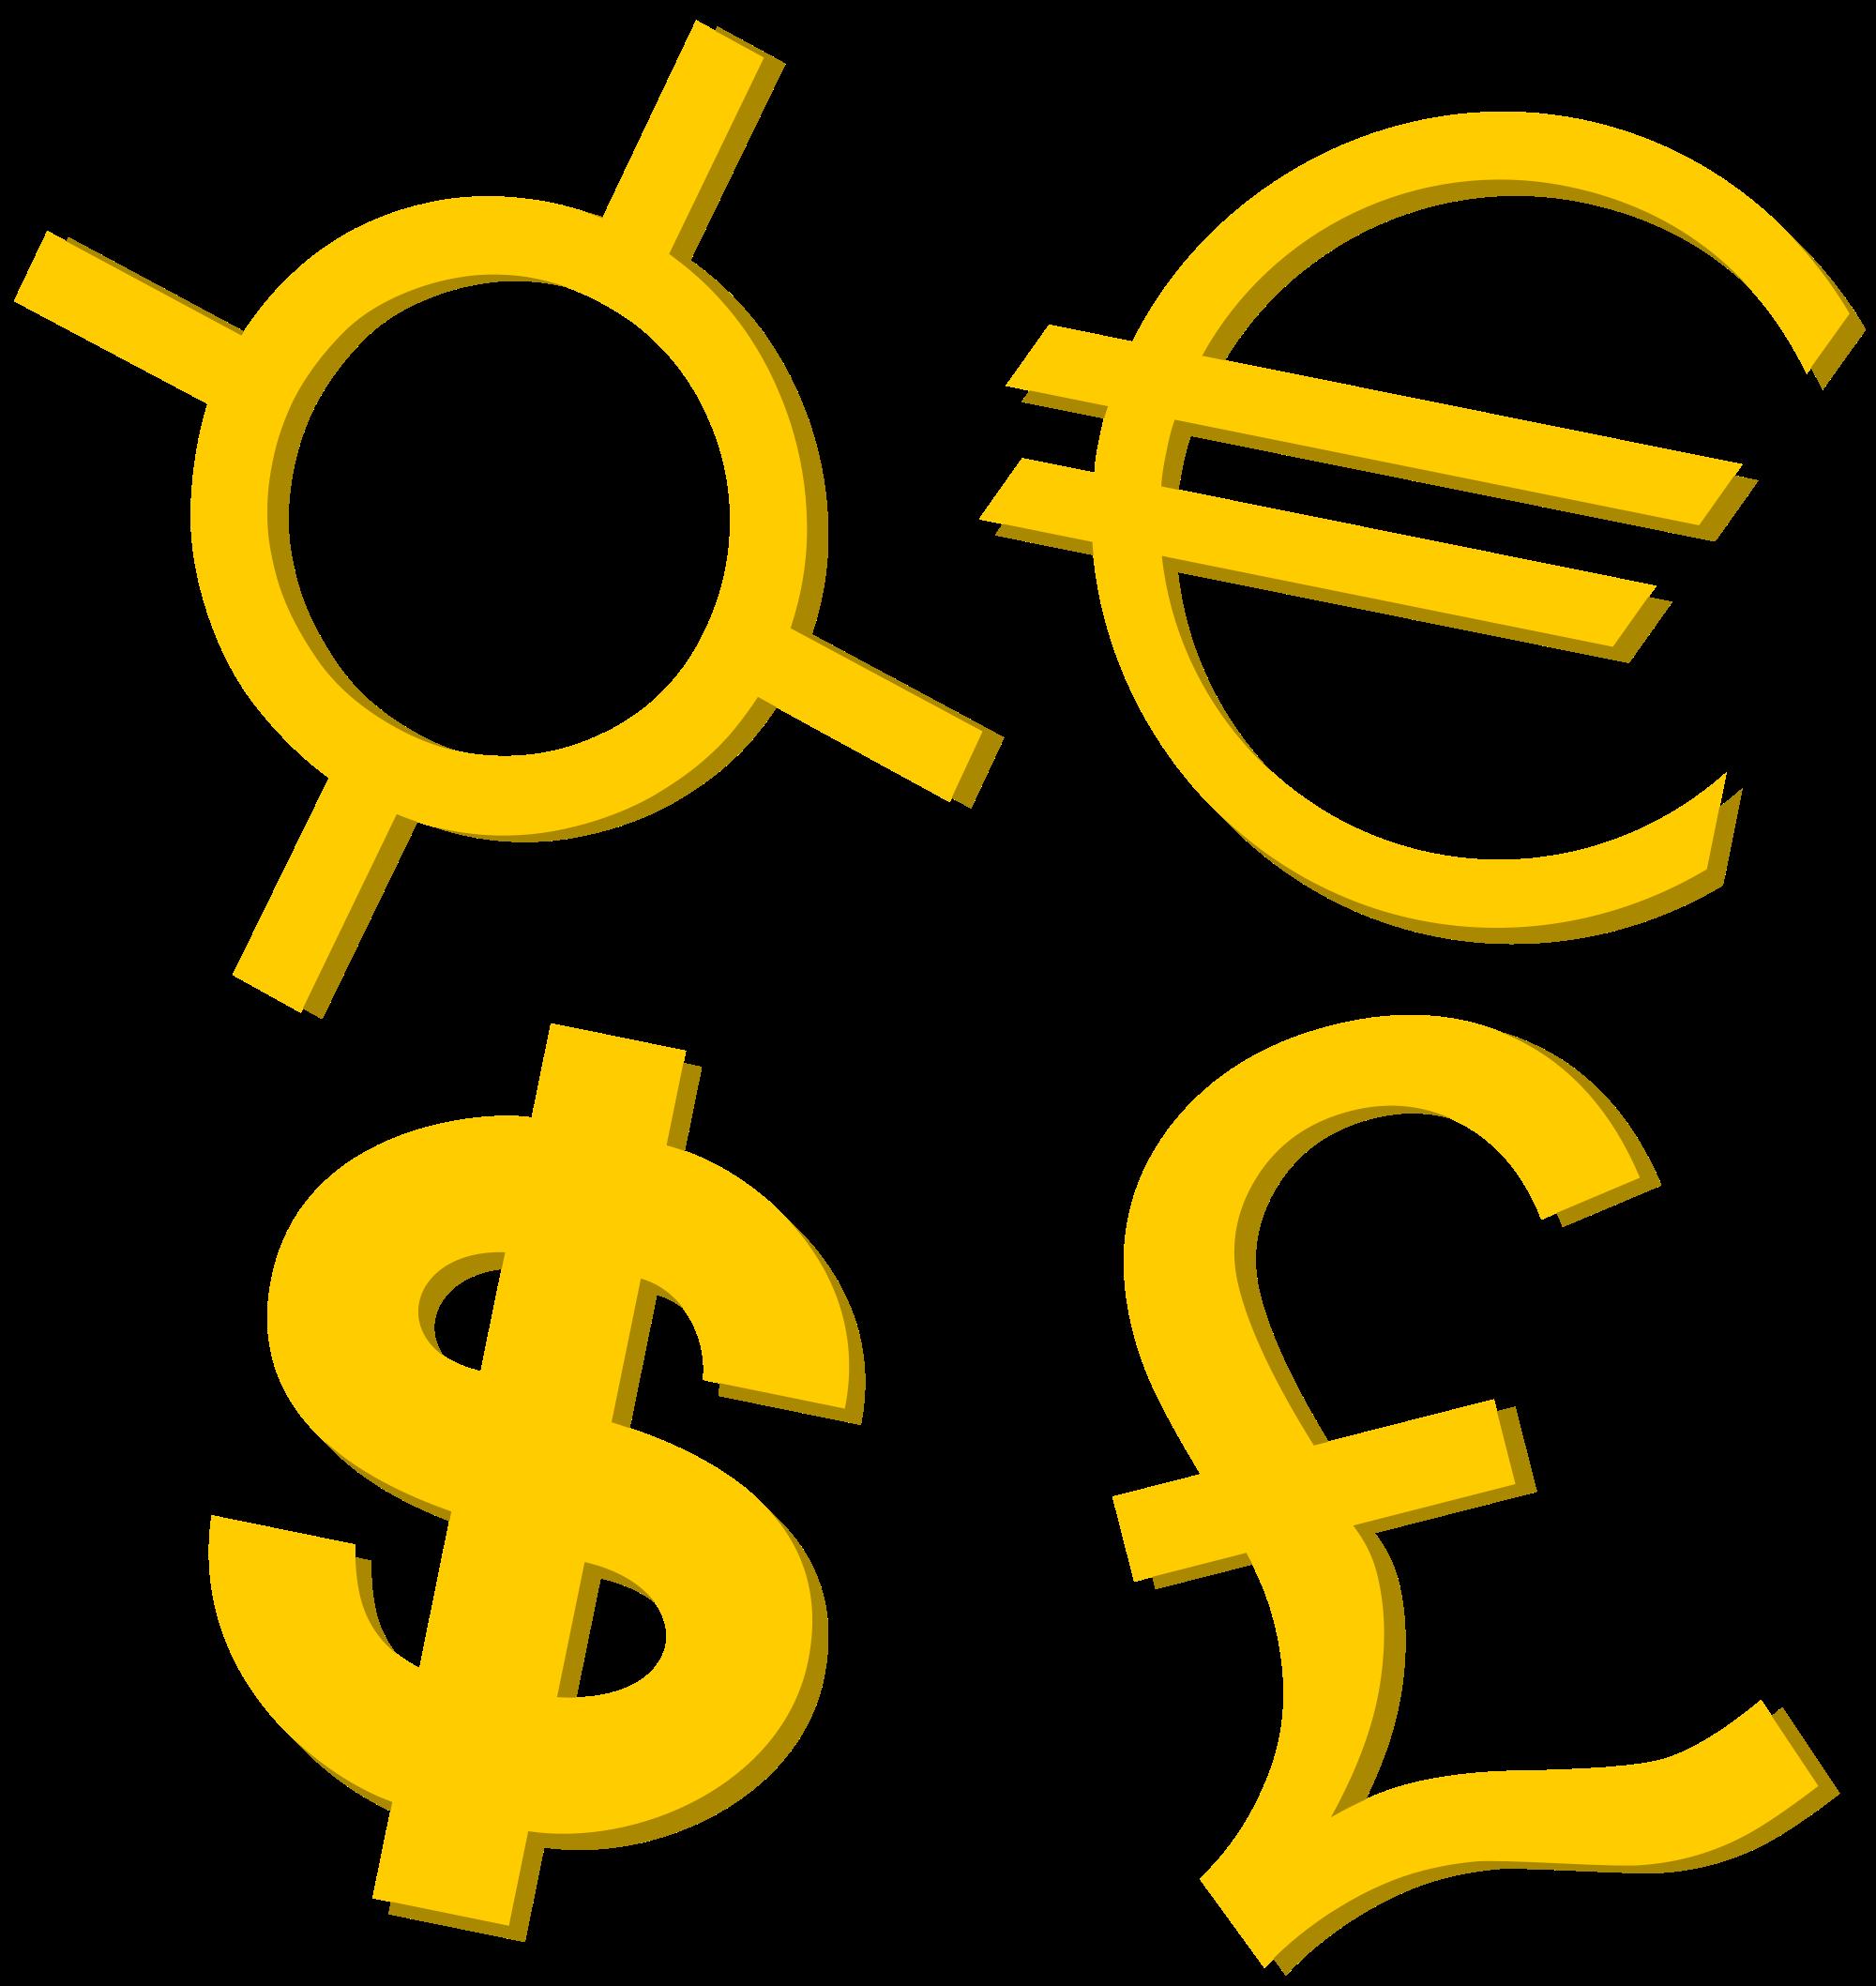 Money symbols png. File gold currency svg